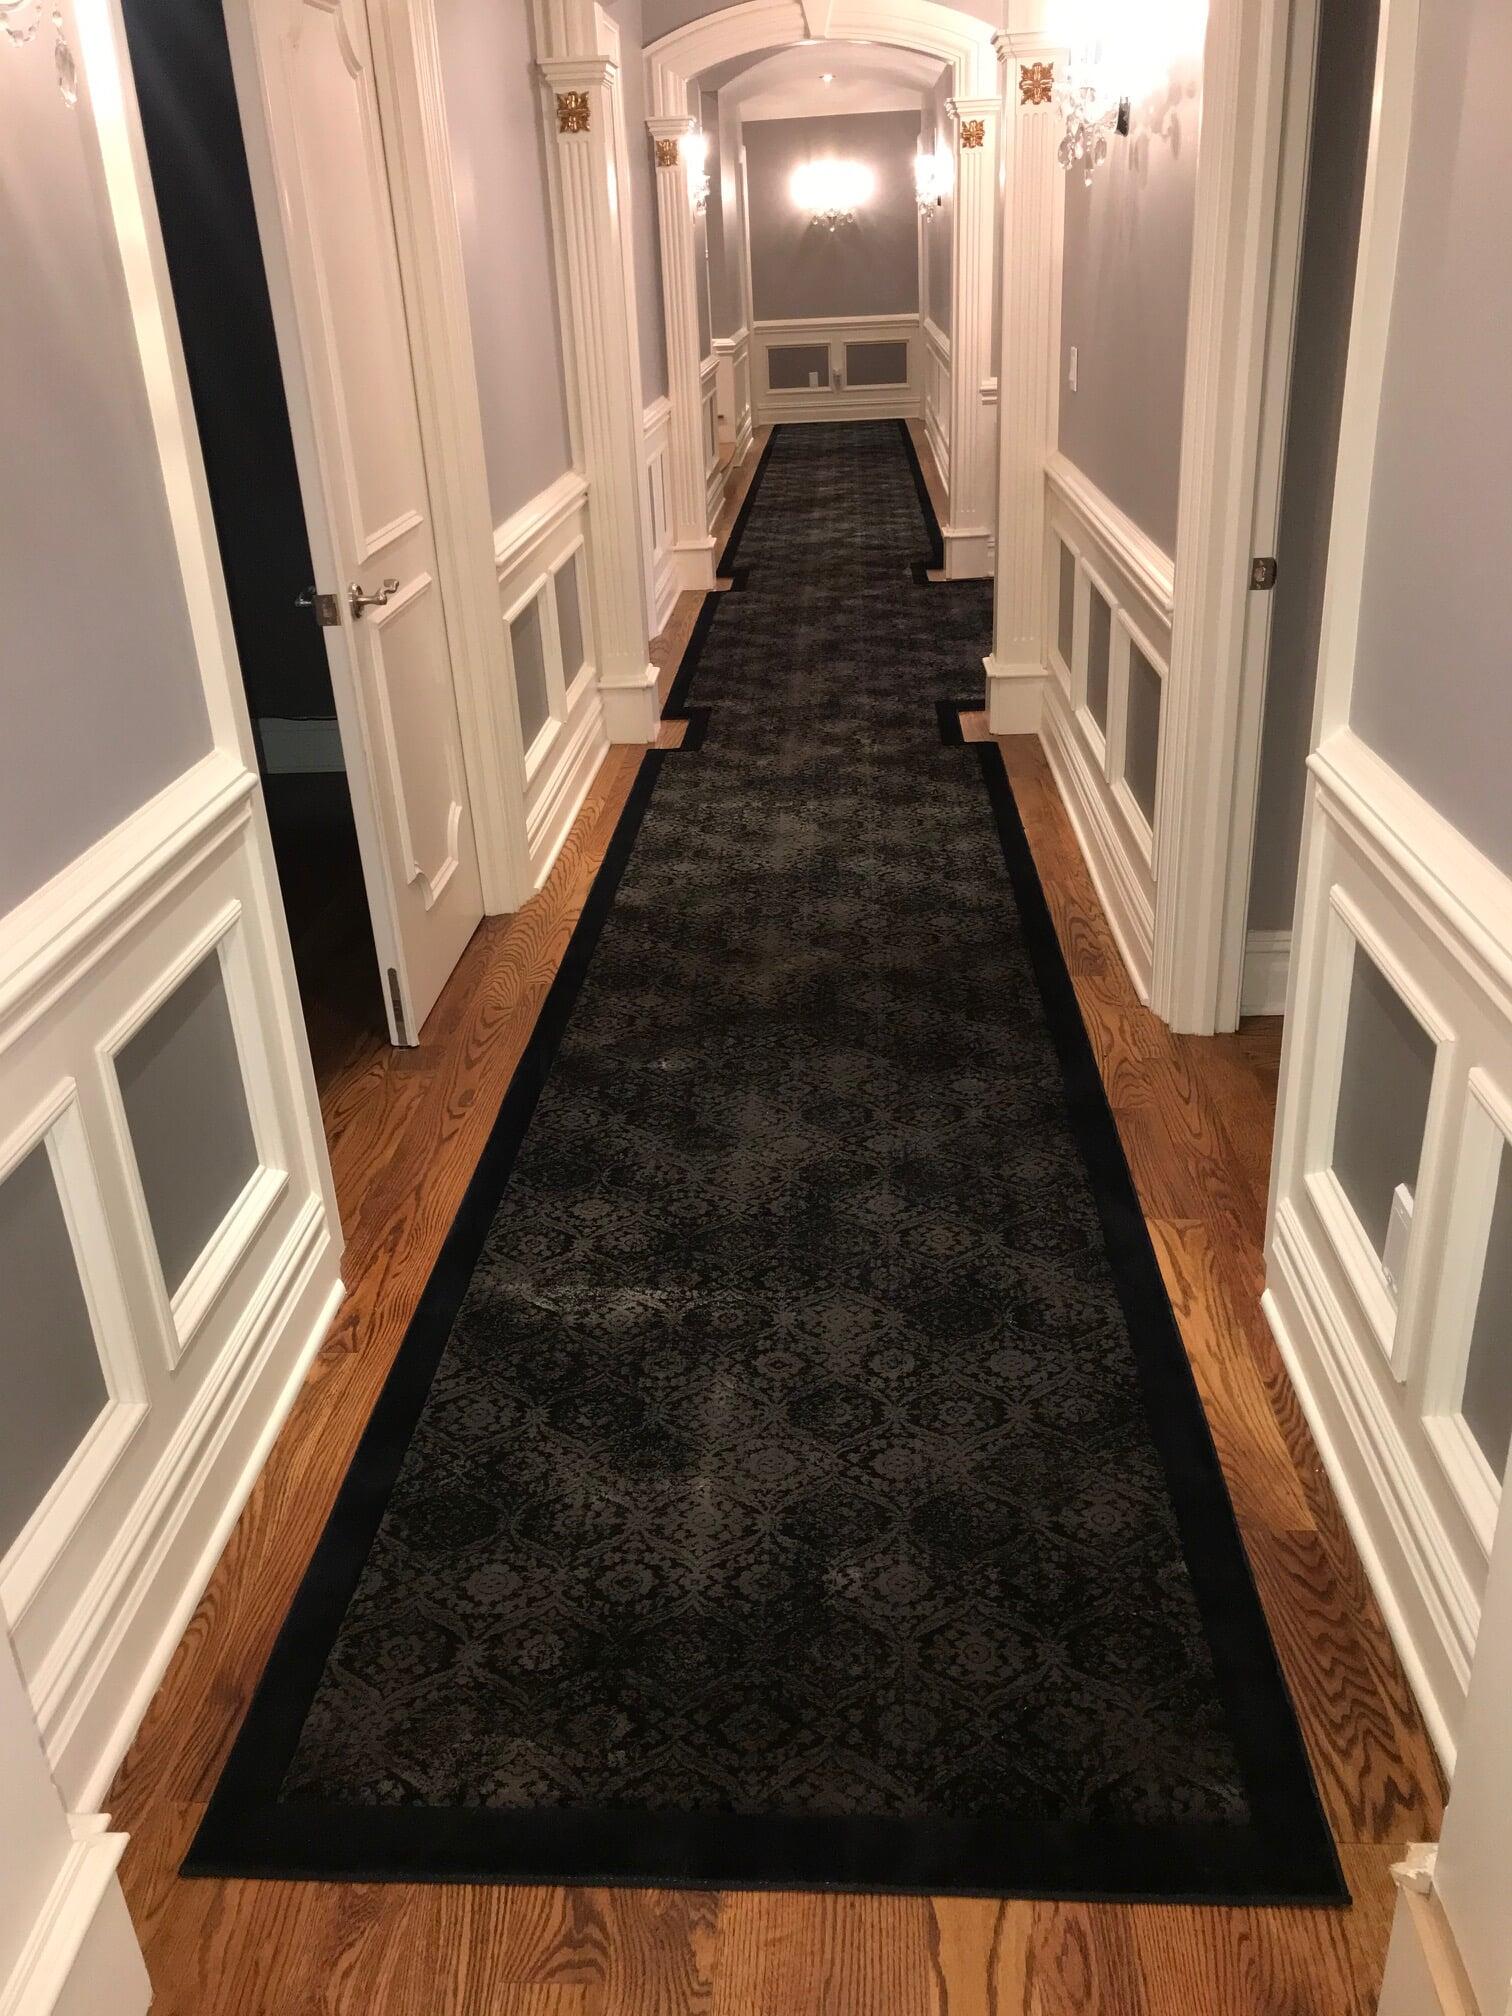 Custom runner in Paramus, NJ from G. Fried Flooring & Design